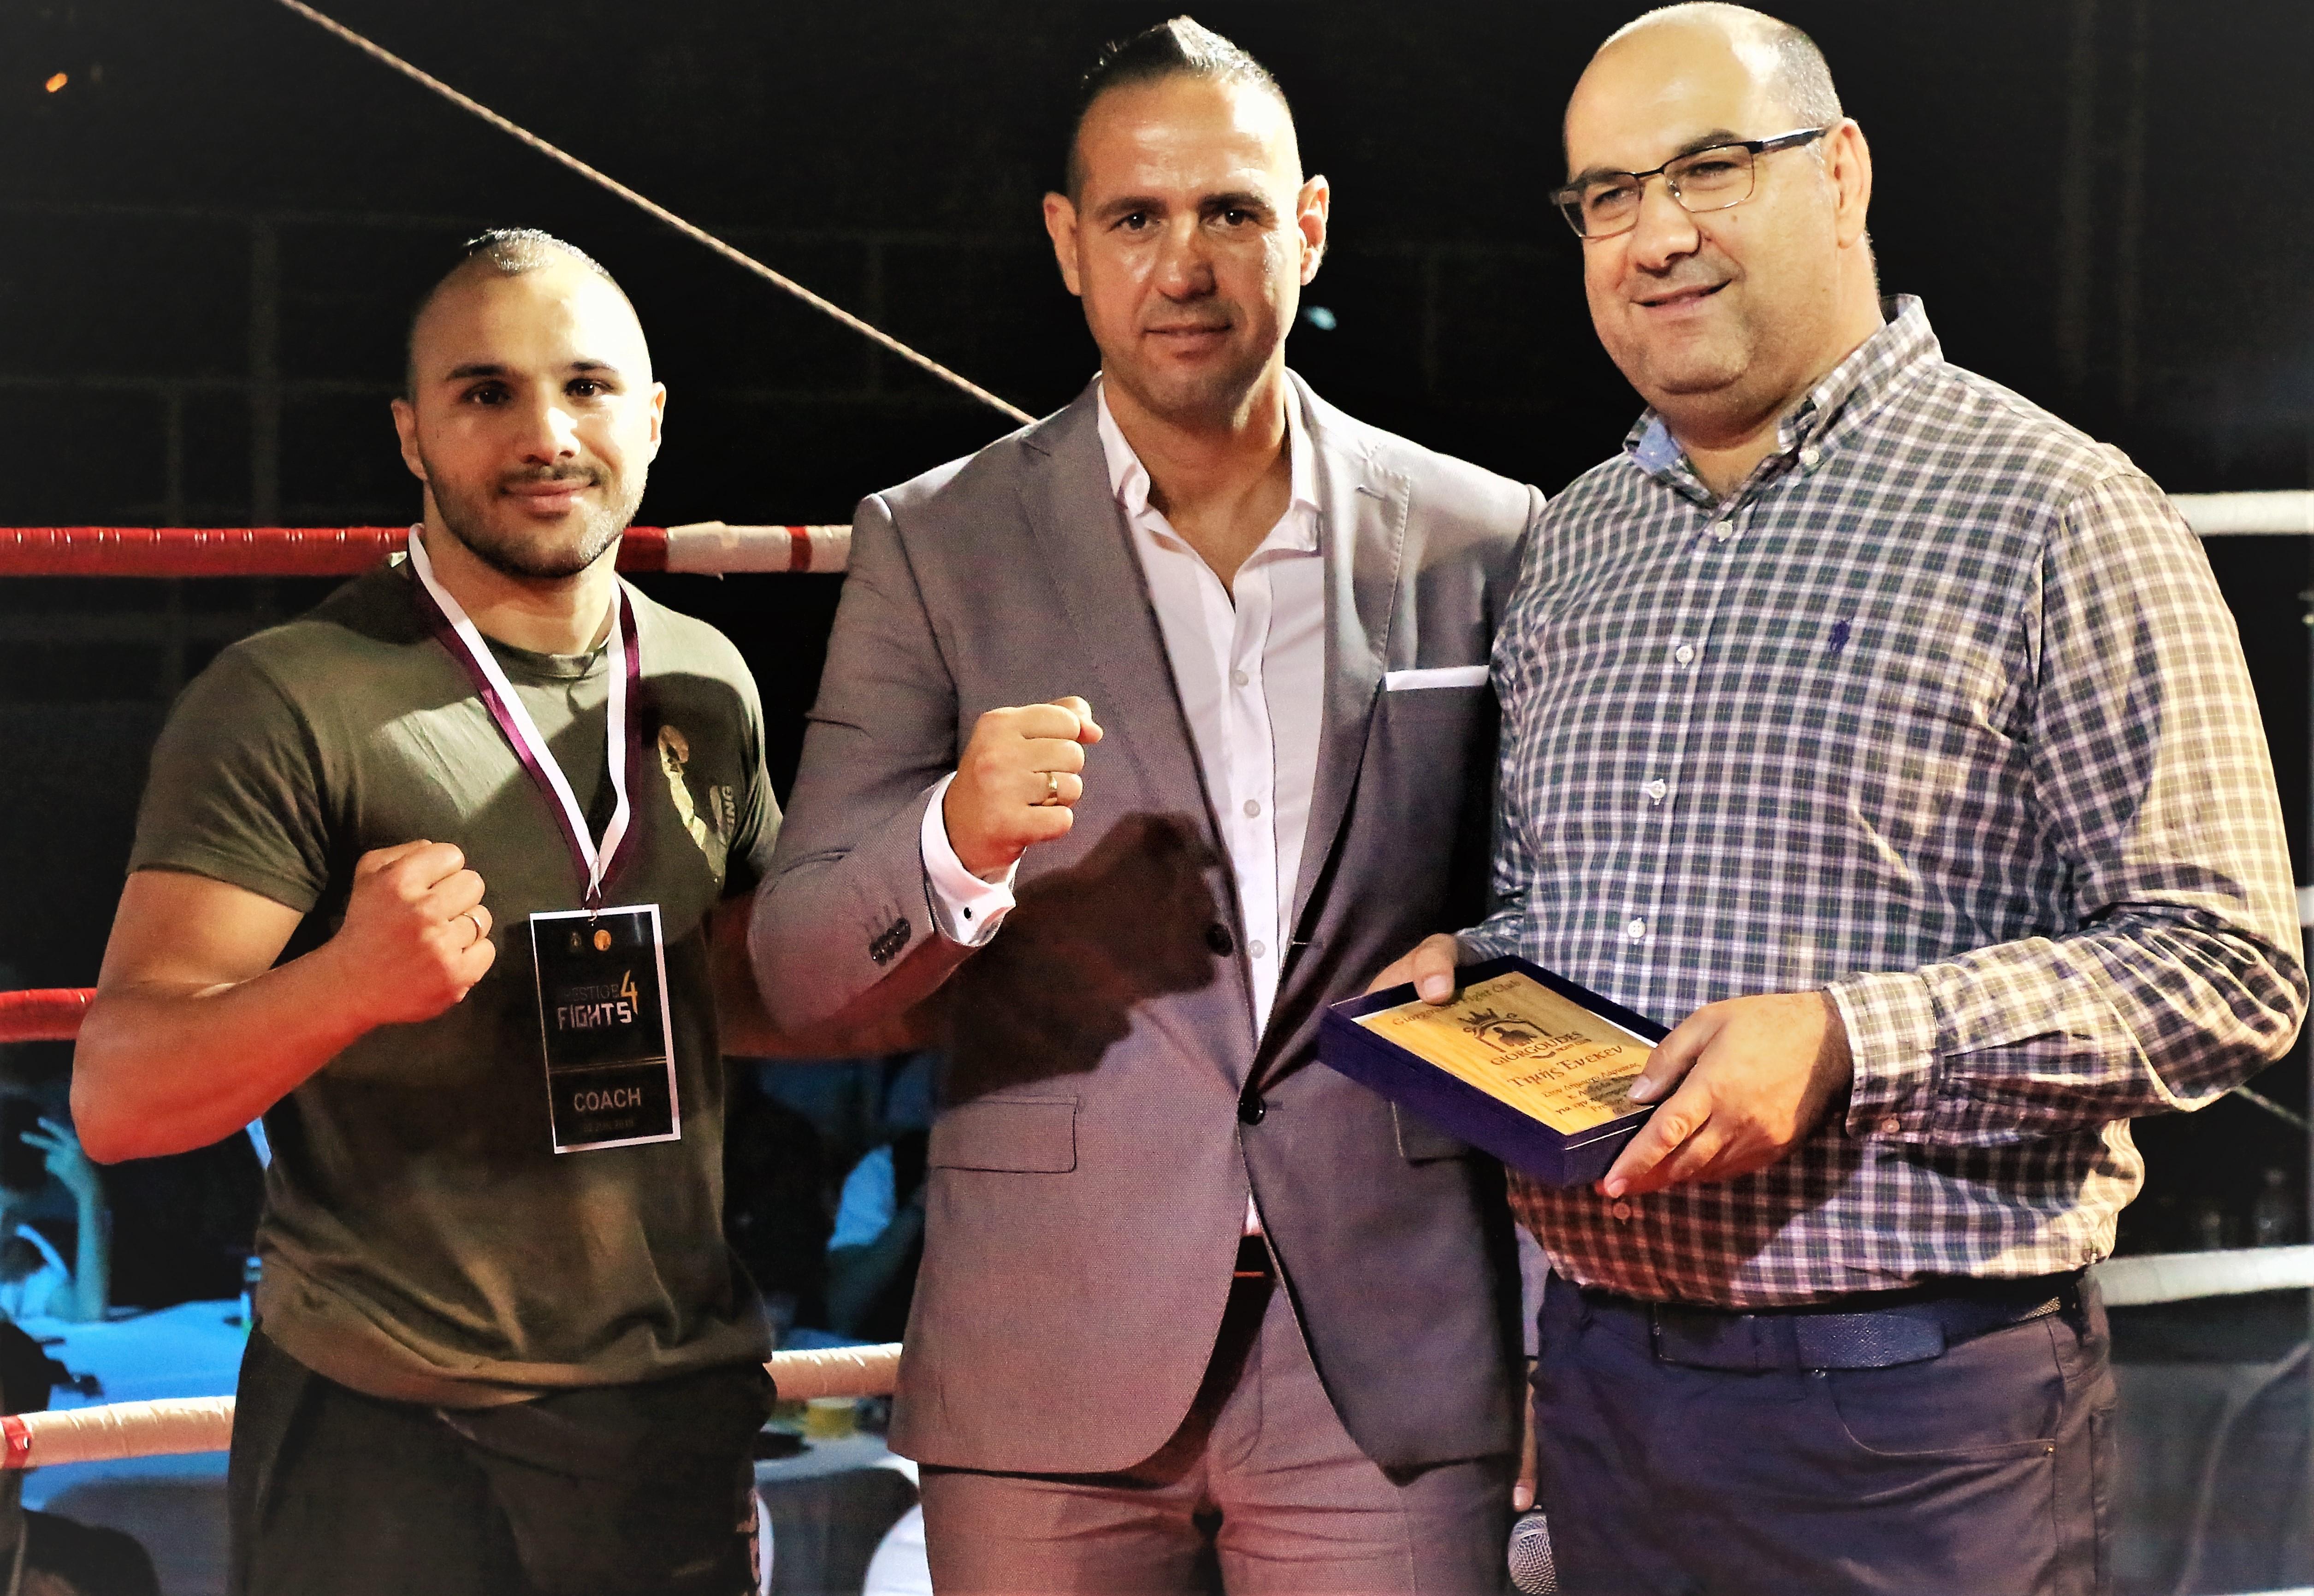 Ακόμα μια τεράστια επιτυχία για τα Prestige Fights! (pics)